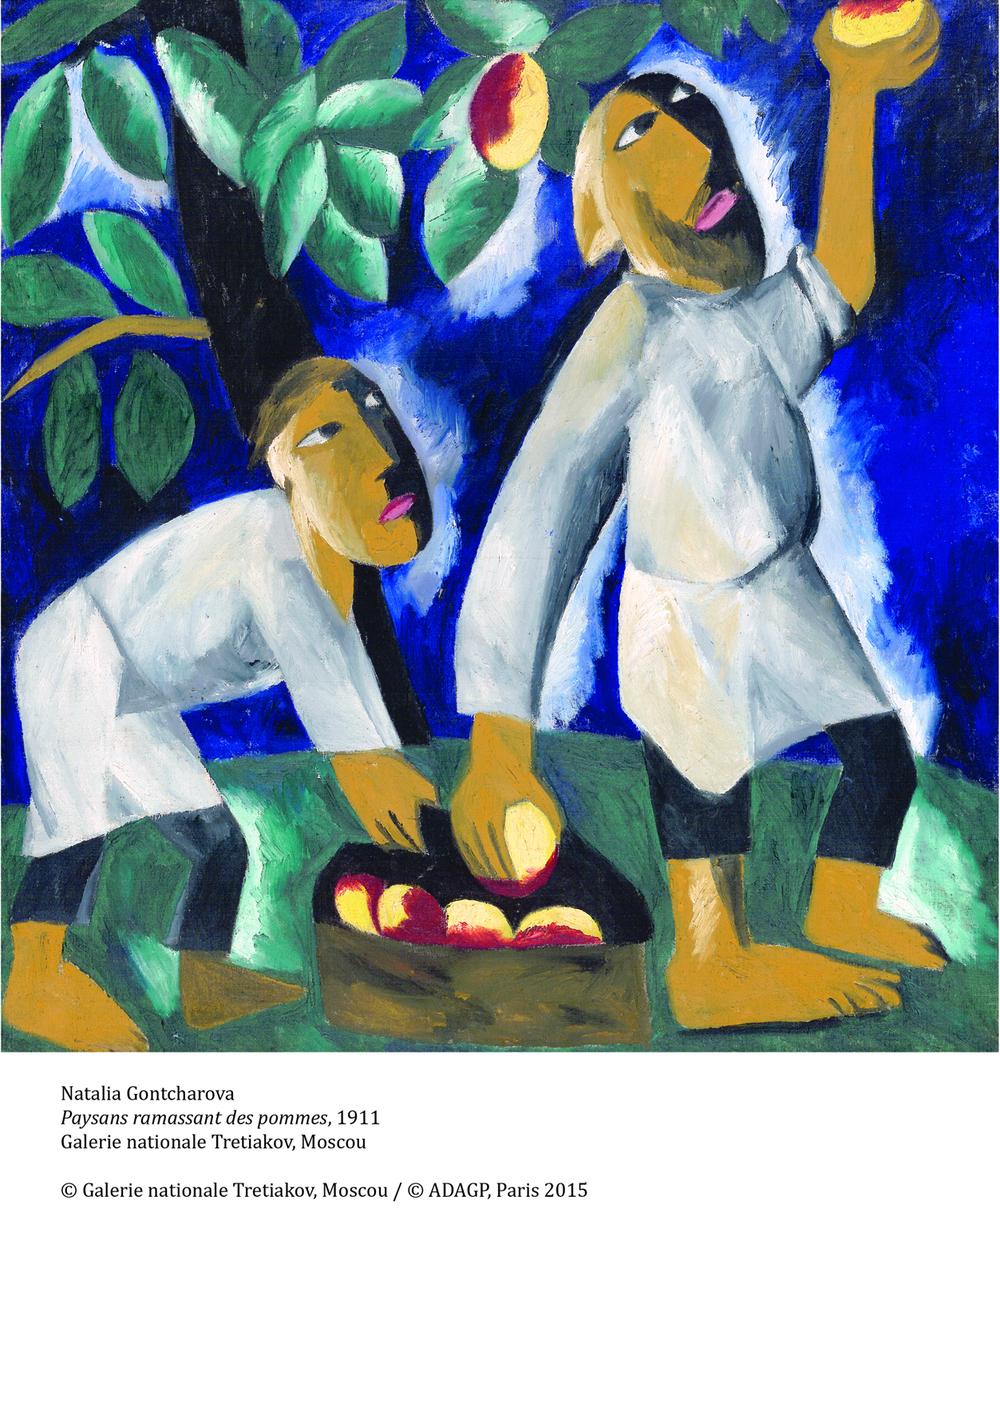 Natalia Goncharova. Picking Apples, 1911. State Tretyakov Gallery